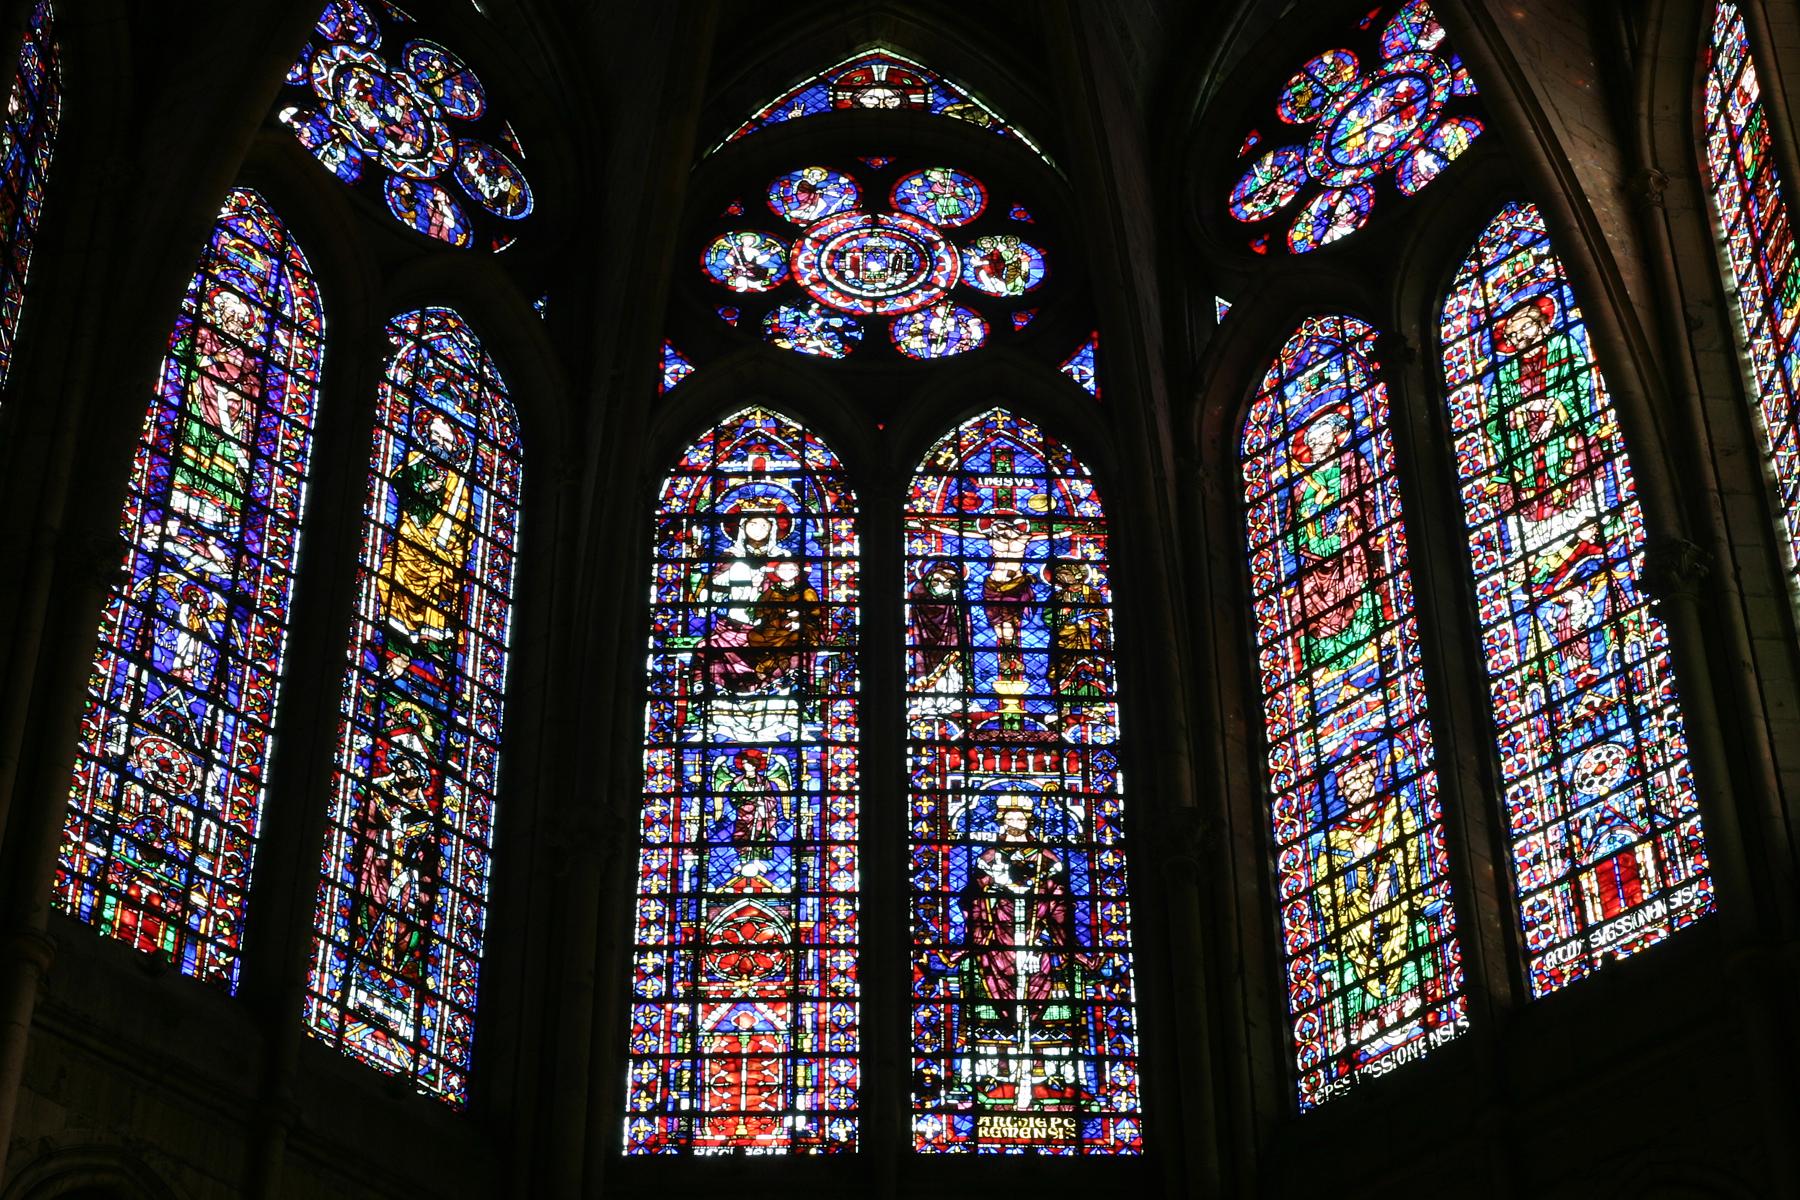 Coloriage vitrail de cathedrale imprimer - Vitraux a colorier ...